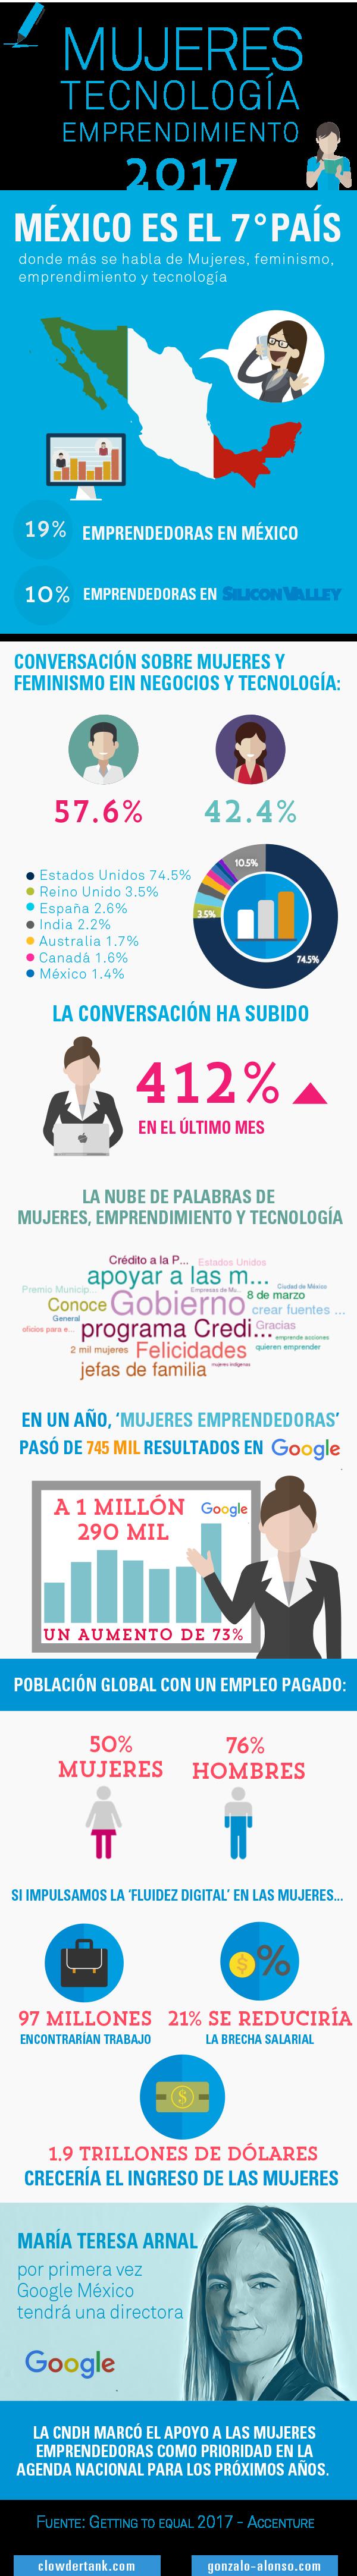 Infografía Día de la Mujer 2017 - Transformacion Digital